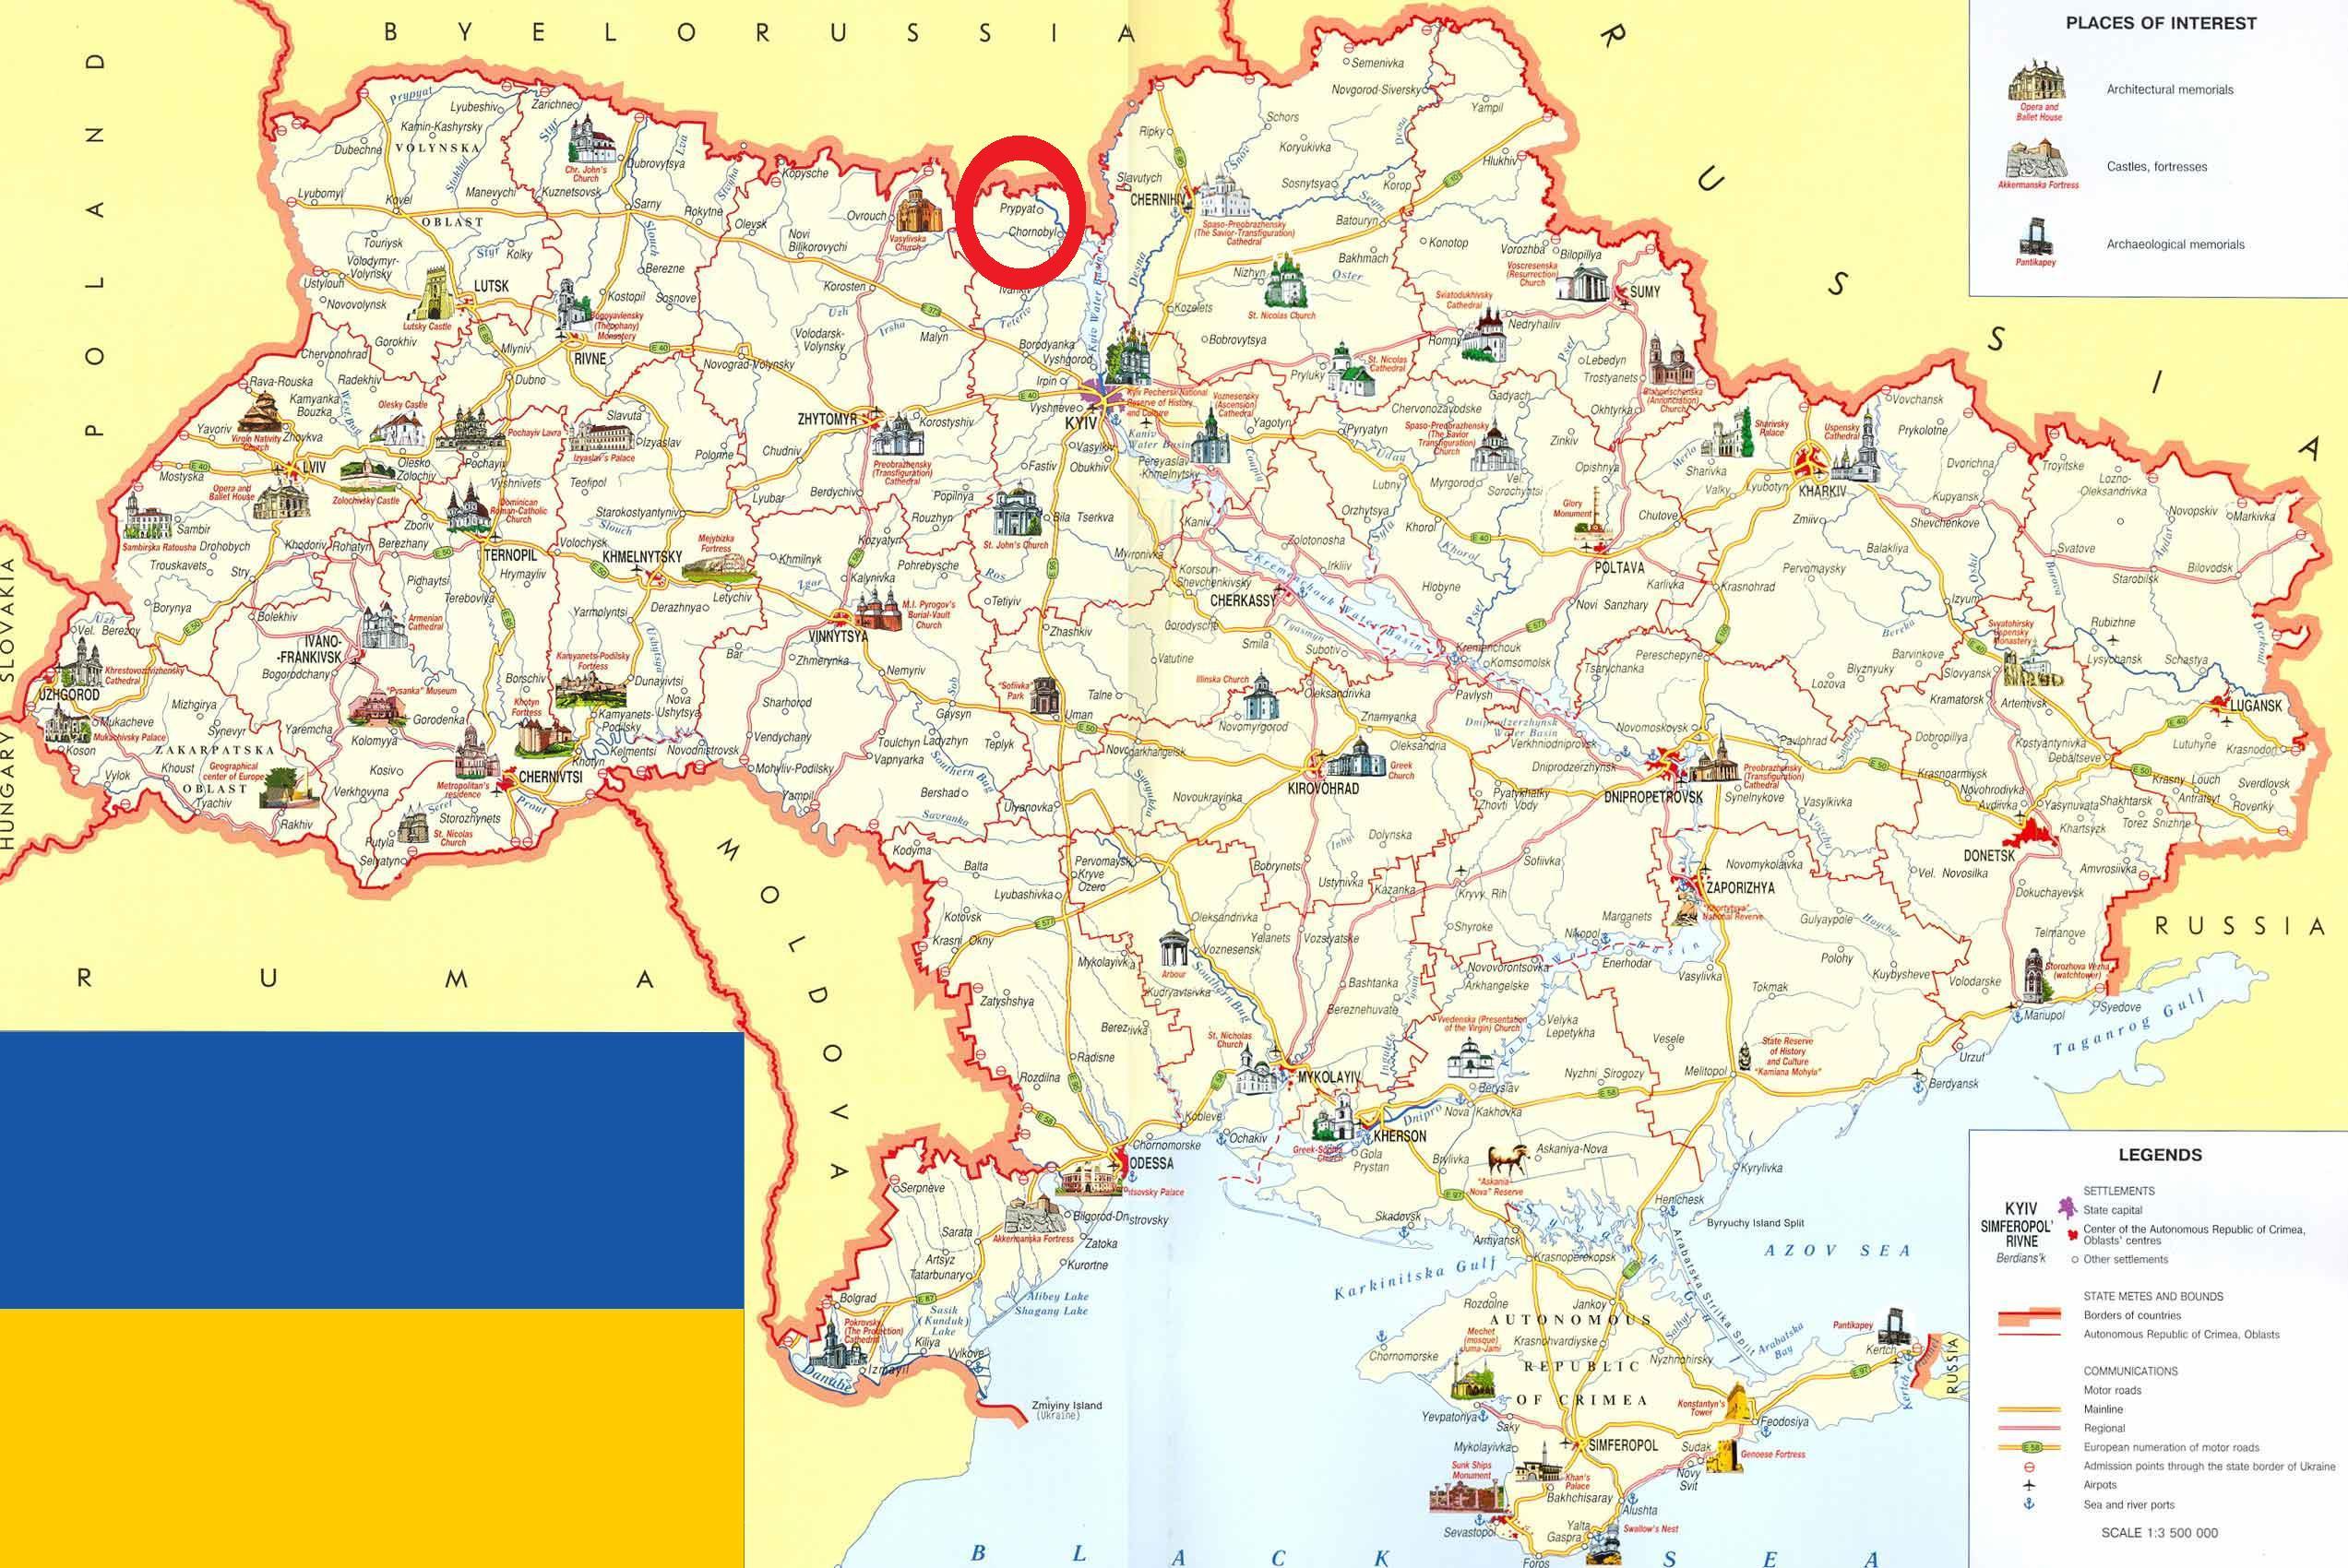 karta tjernobyl Upptäck Världen Sida 5 Svenska Spökstäder, Kärnkraft, Tjernobyl  karta tjernobyl